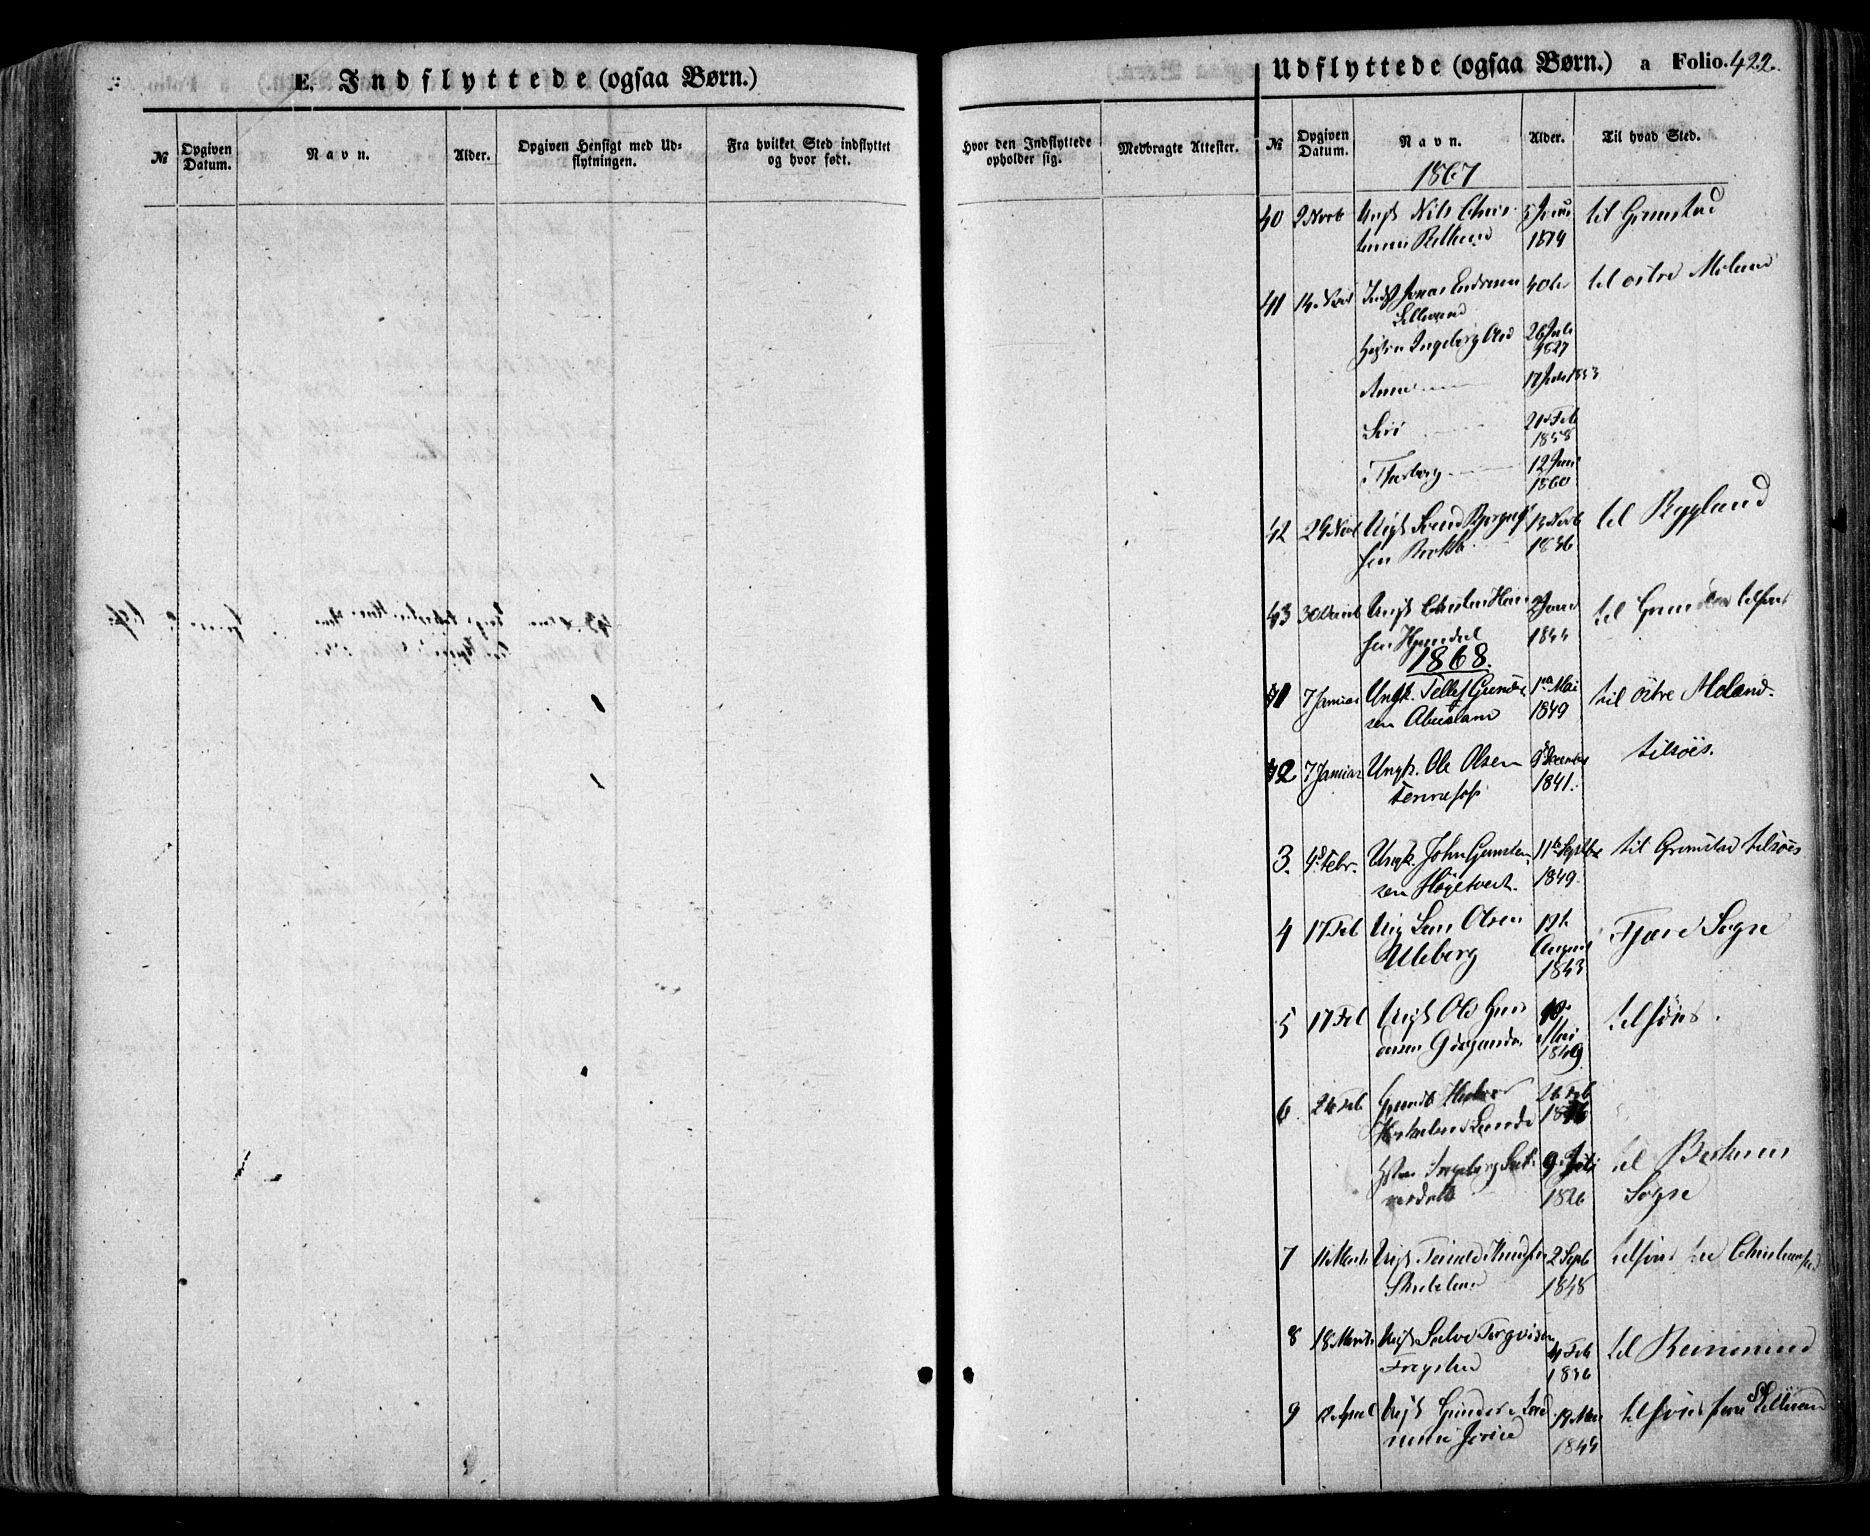 SAK, Evje sokneprestkontor, F/Fa/Faa/L0006: Ministerialbok nr. A 6, 1866-1884, s. 422